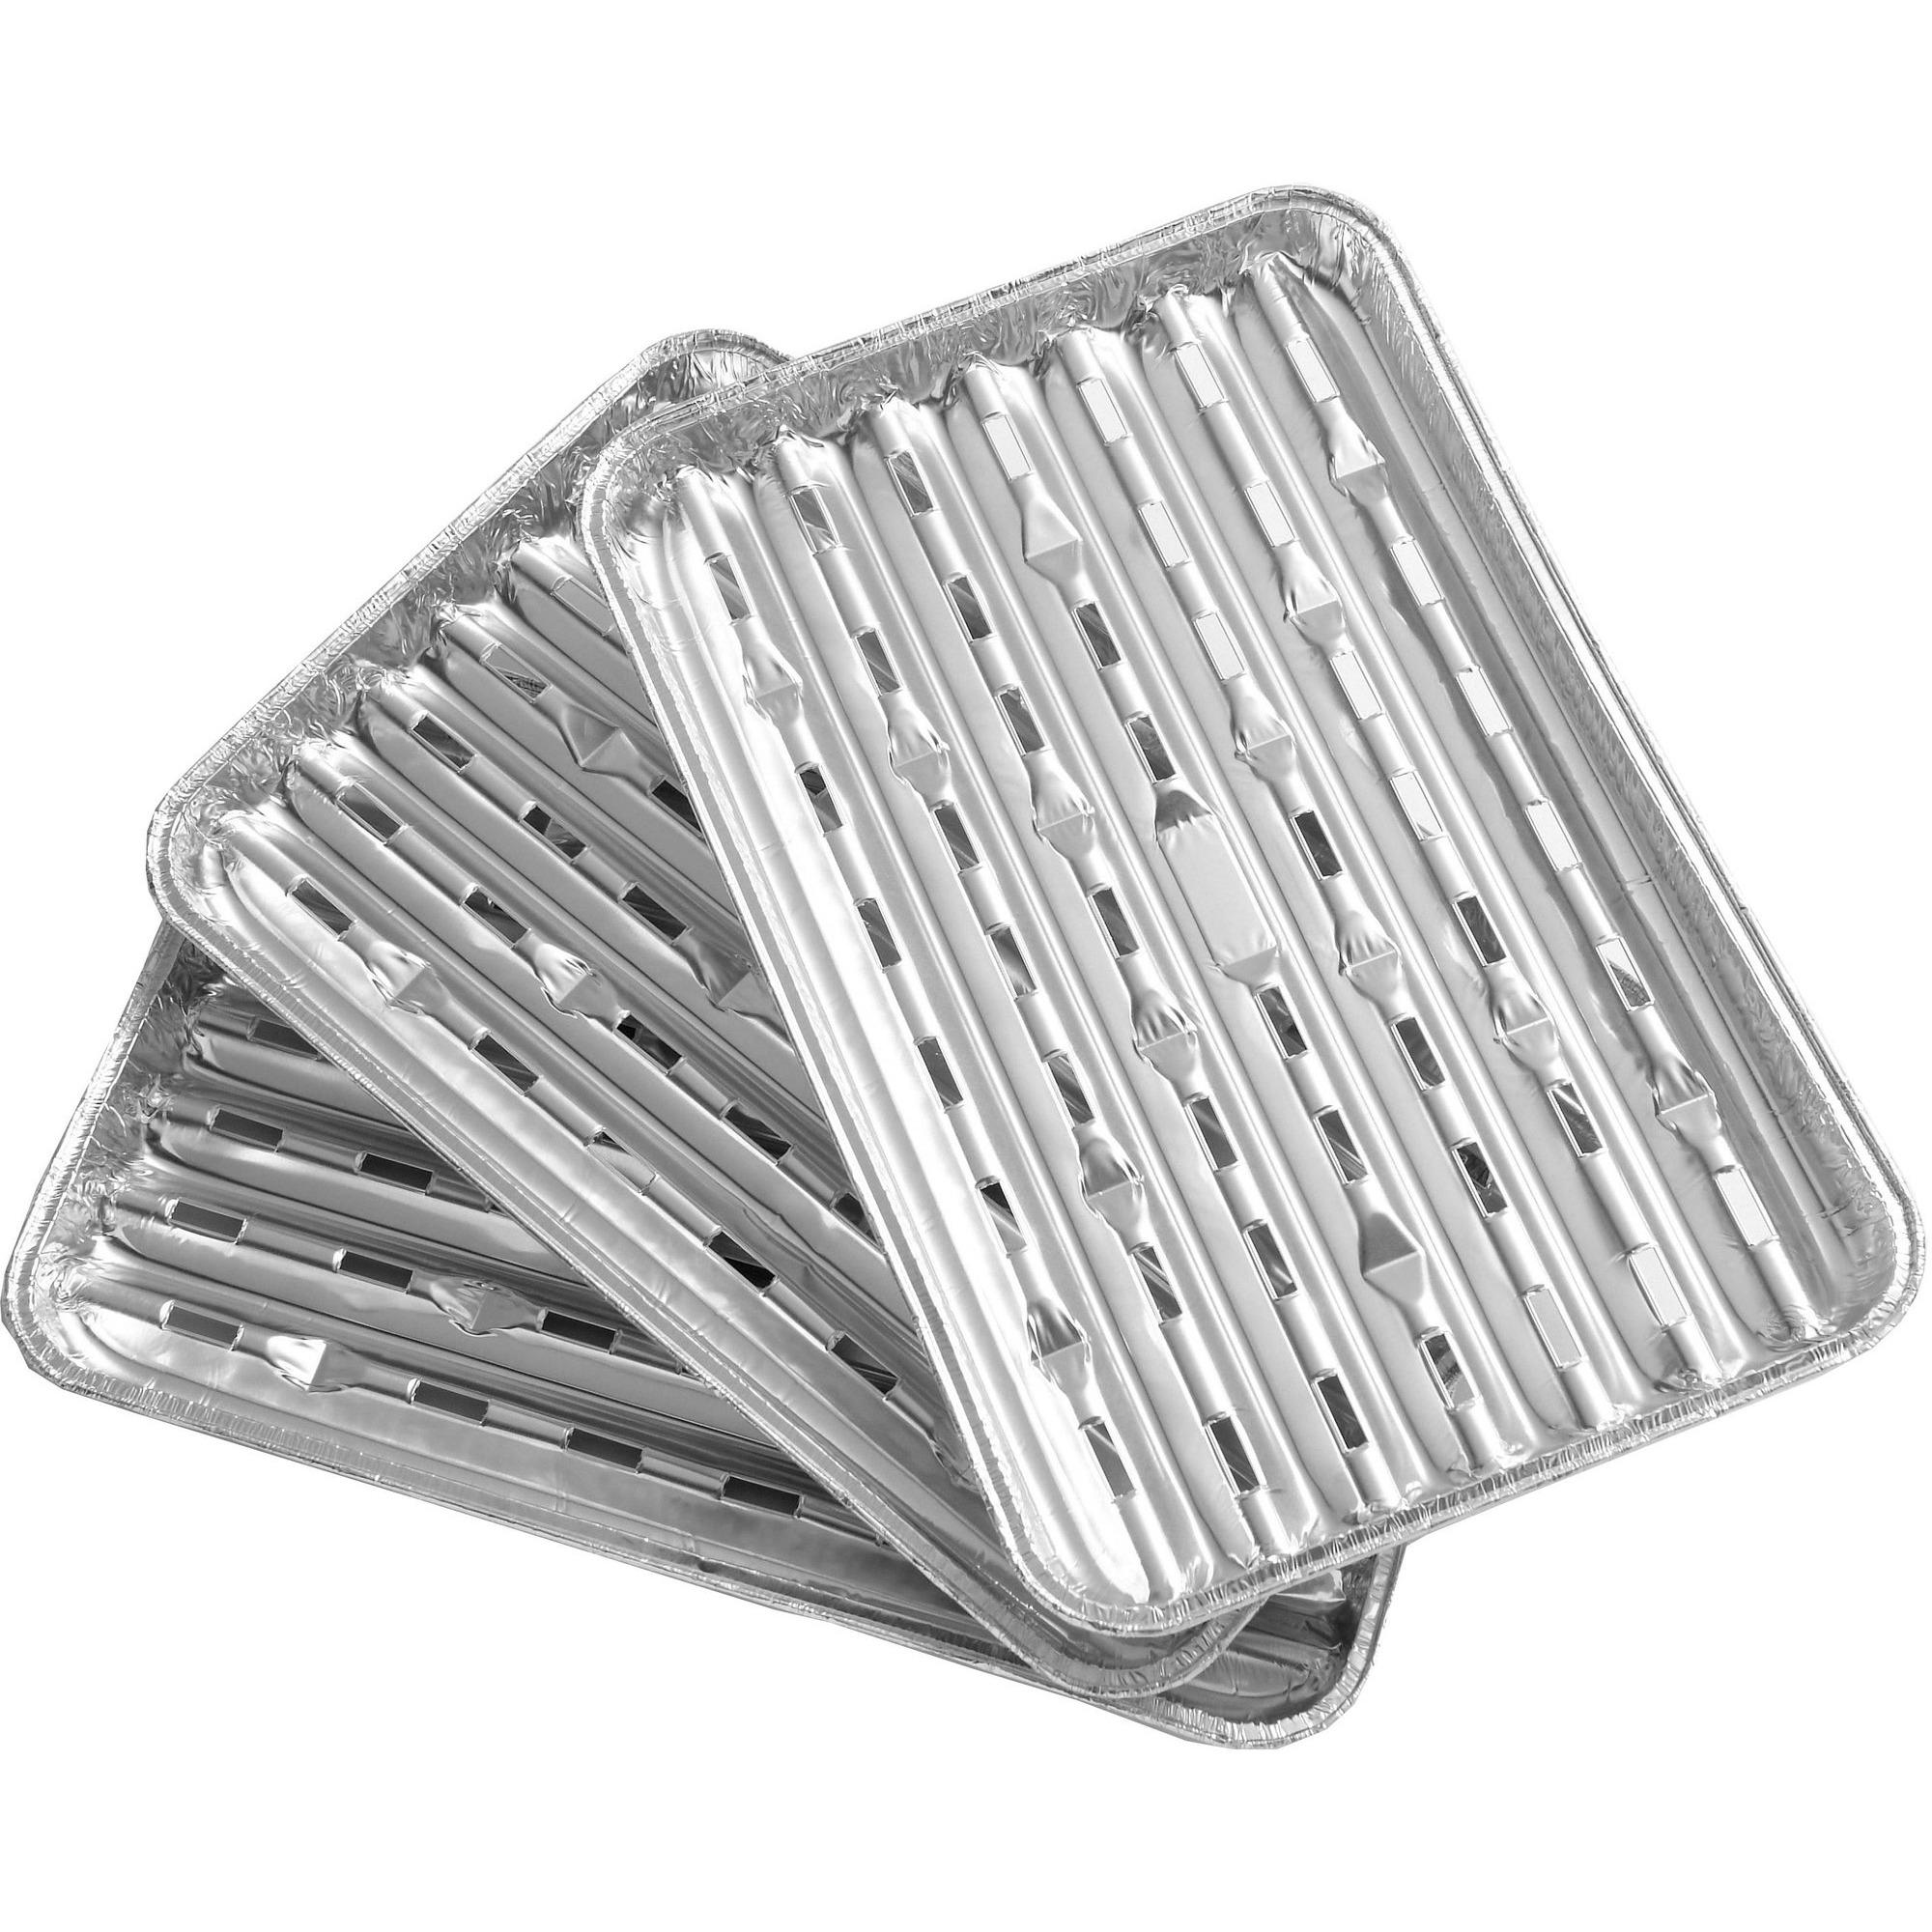 Landmann Grillformar i Aluminium 3st